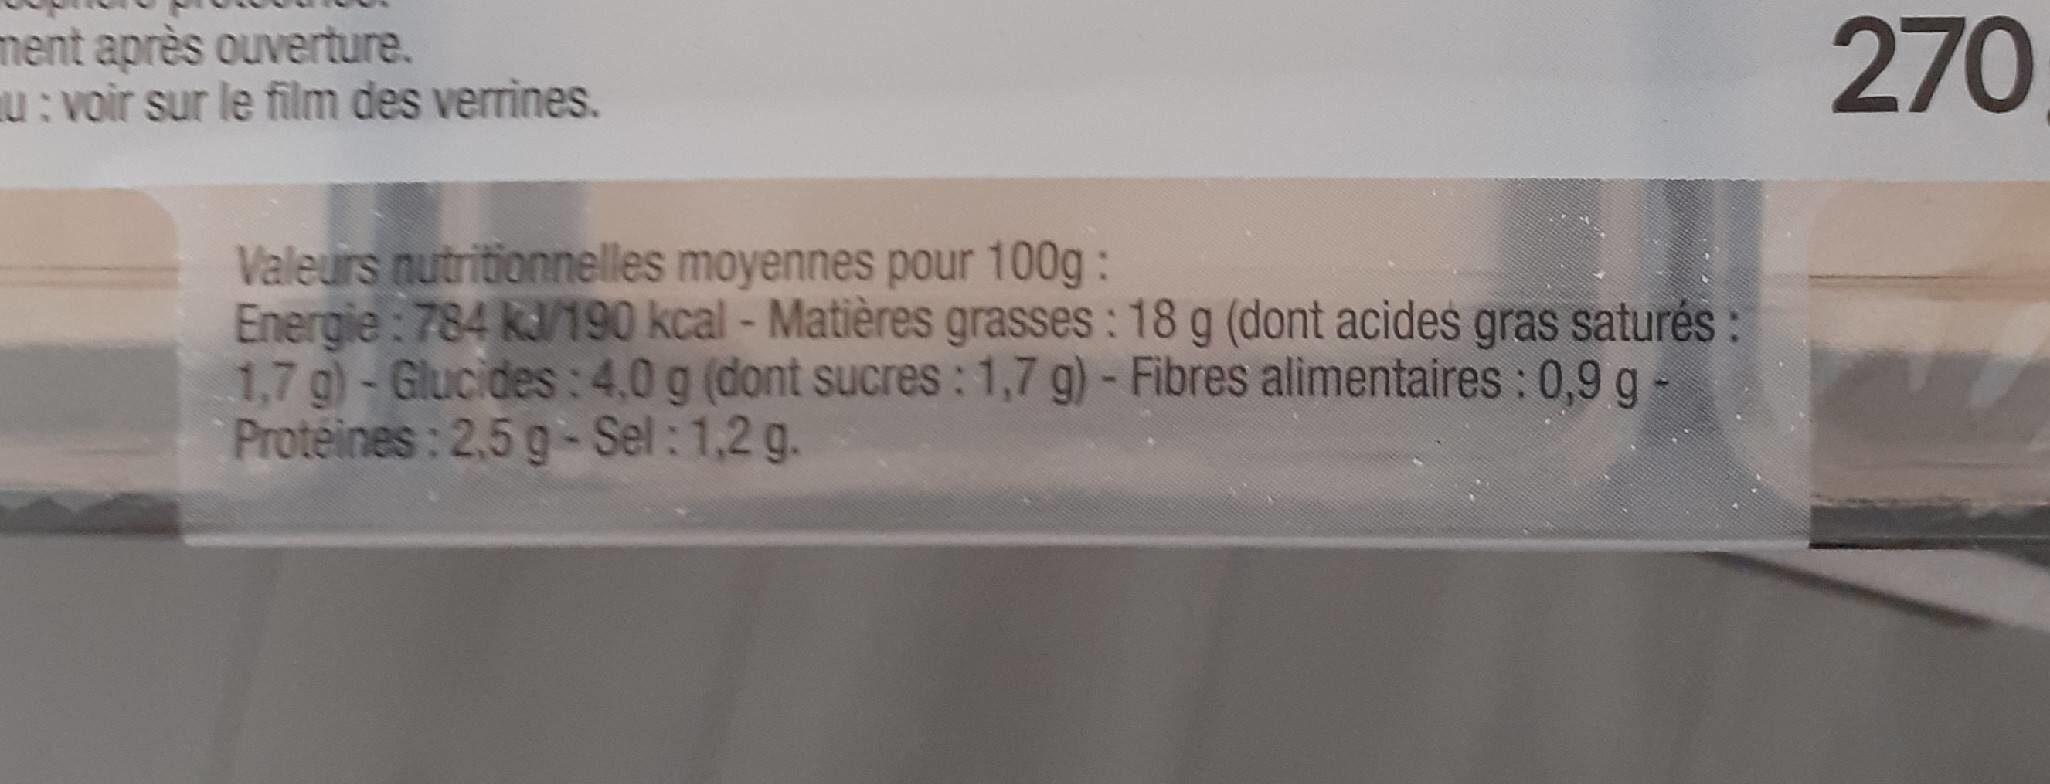 Tartare de concombre et surimi - Nutrition facts - fr